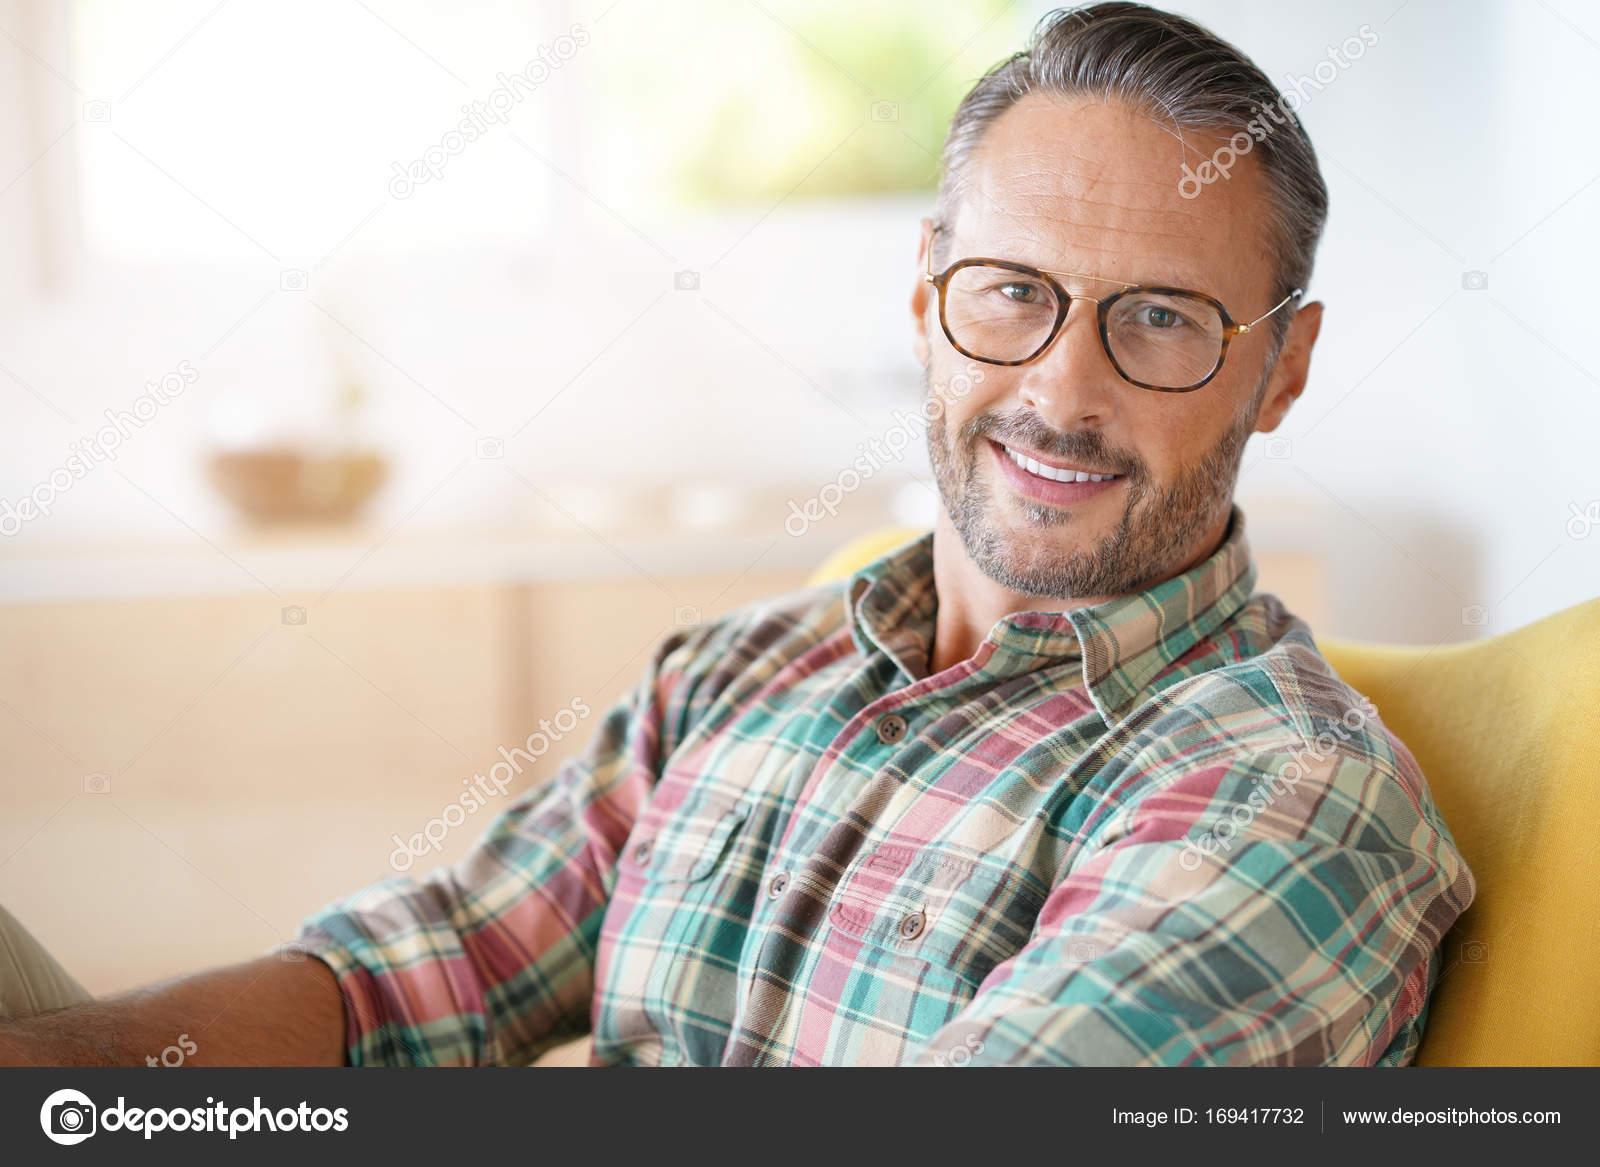 2b2e225e3e Uomo con gli occhiali rilassanti — Foto Stock © Goodluz #169417732